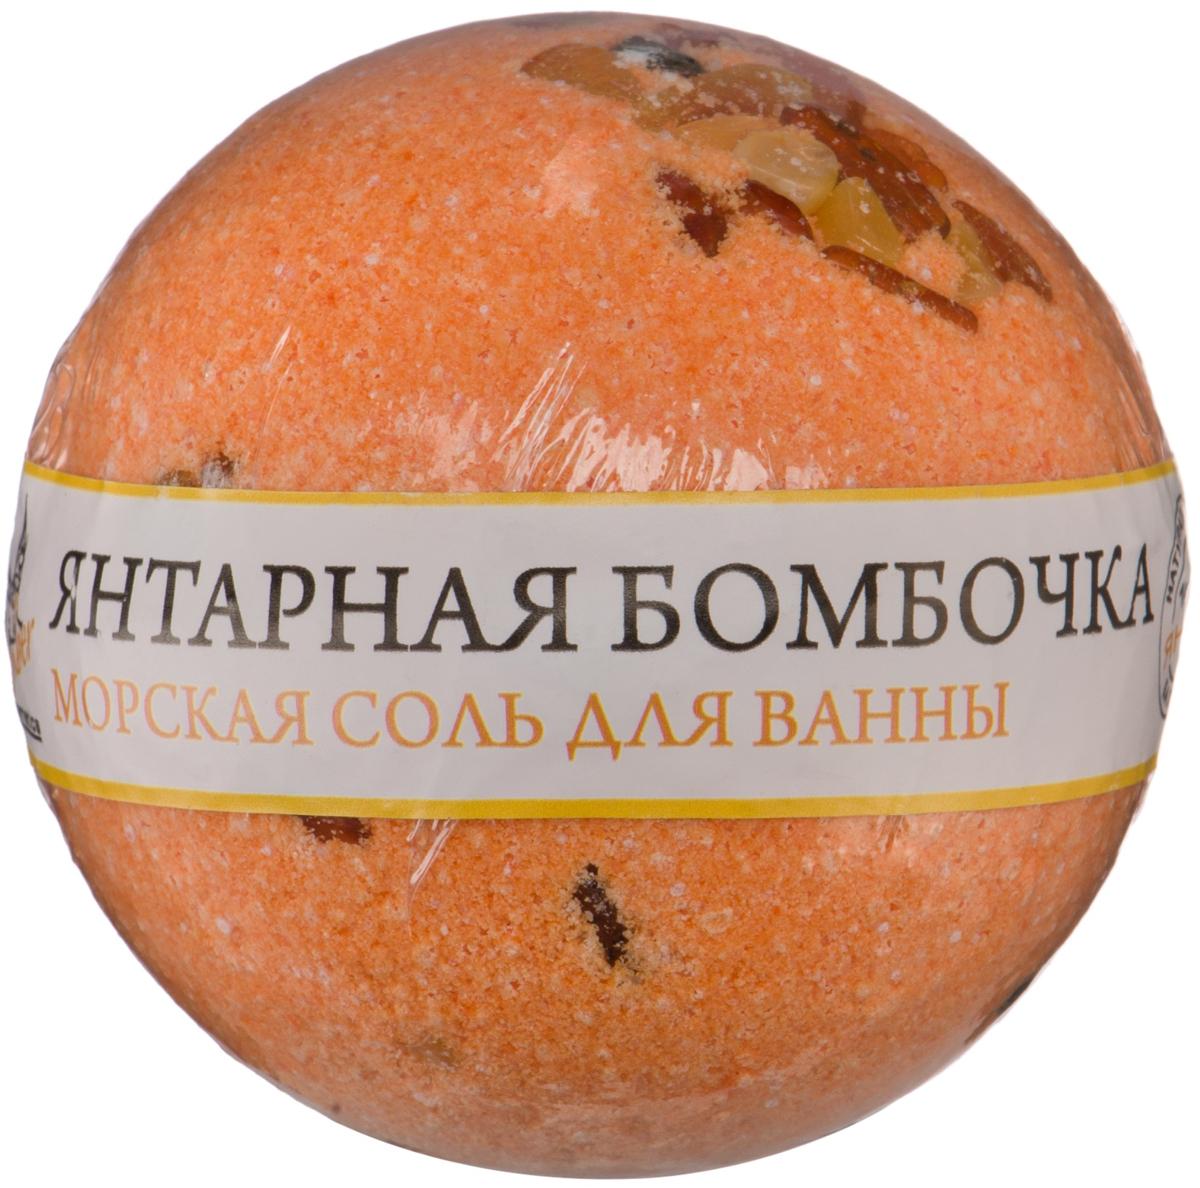 Ambercosmetics Бурлящий шар для ванн, цвет: оранжевый, 120 г2000000147284Янтарная бомба наполнит вашу ванную восхитительными и вдохновляющими фруктовыми ароматами. Морская соль смягчит воду, наполнив ее целой россыпью полезных микроэлементов. Лечебное и омолаживающее действие янтарной кислоты будет усилено за счет ее глубокого проникновения через распаренные кожные железы. И все это под завораживающее бурление и извержение маленьких янтариков, стремящихся к поверхности воды. Полный состав: Бикарбонат натрия, лимонная кислота, сухое молоко, натрий алкиларил сульфонат, соль морская, балтийский янтарь, сорбитол, соевое масло, парфюмерная композиция, пищевой краситель.